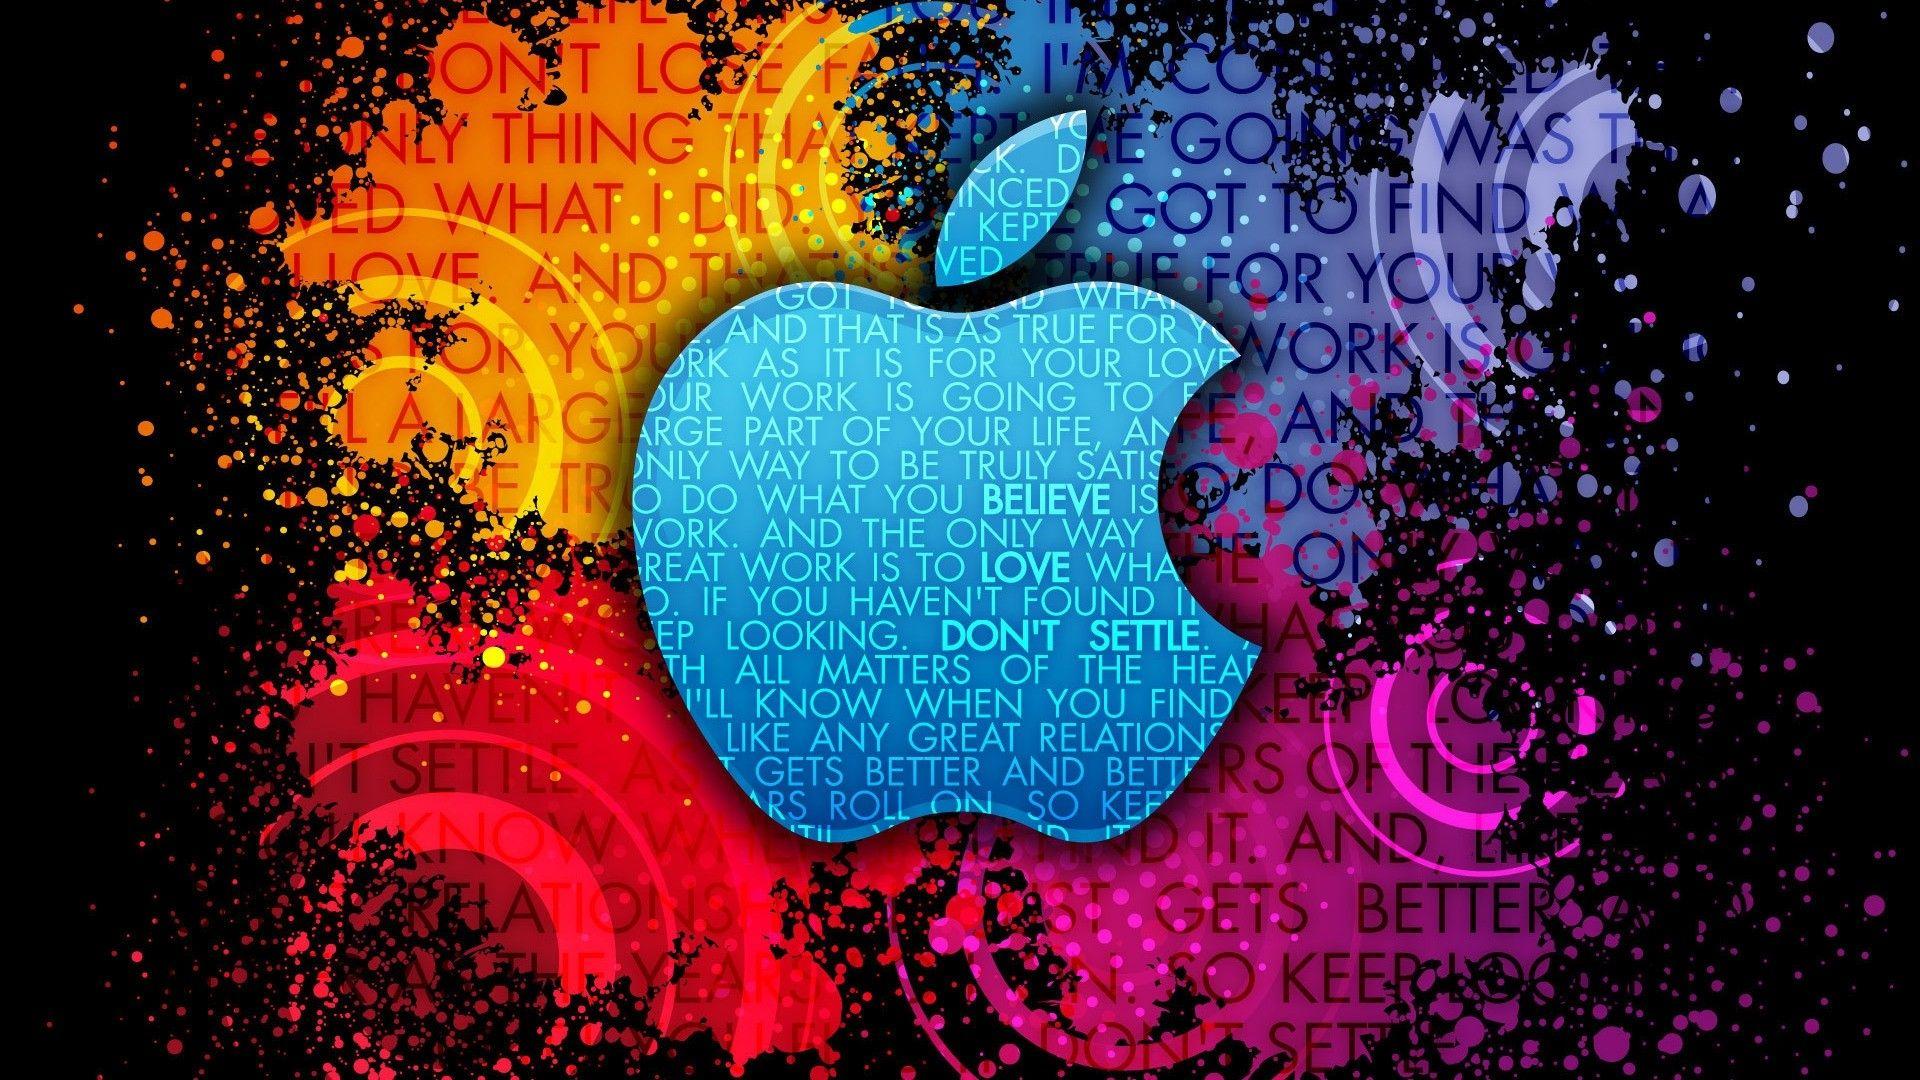 Apple Wallpapers Desktop Wallpapers 2020 Check More At Https 2020wallpapers Club Apple Wallpapers Desktop Seni